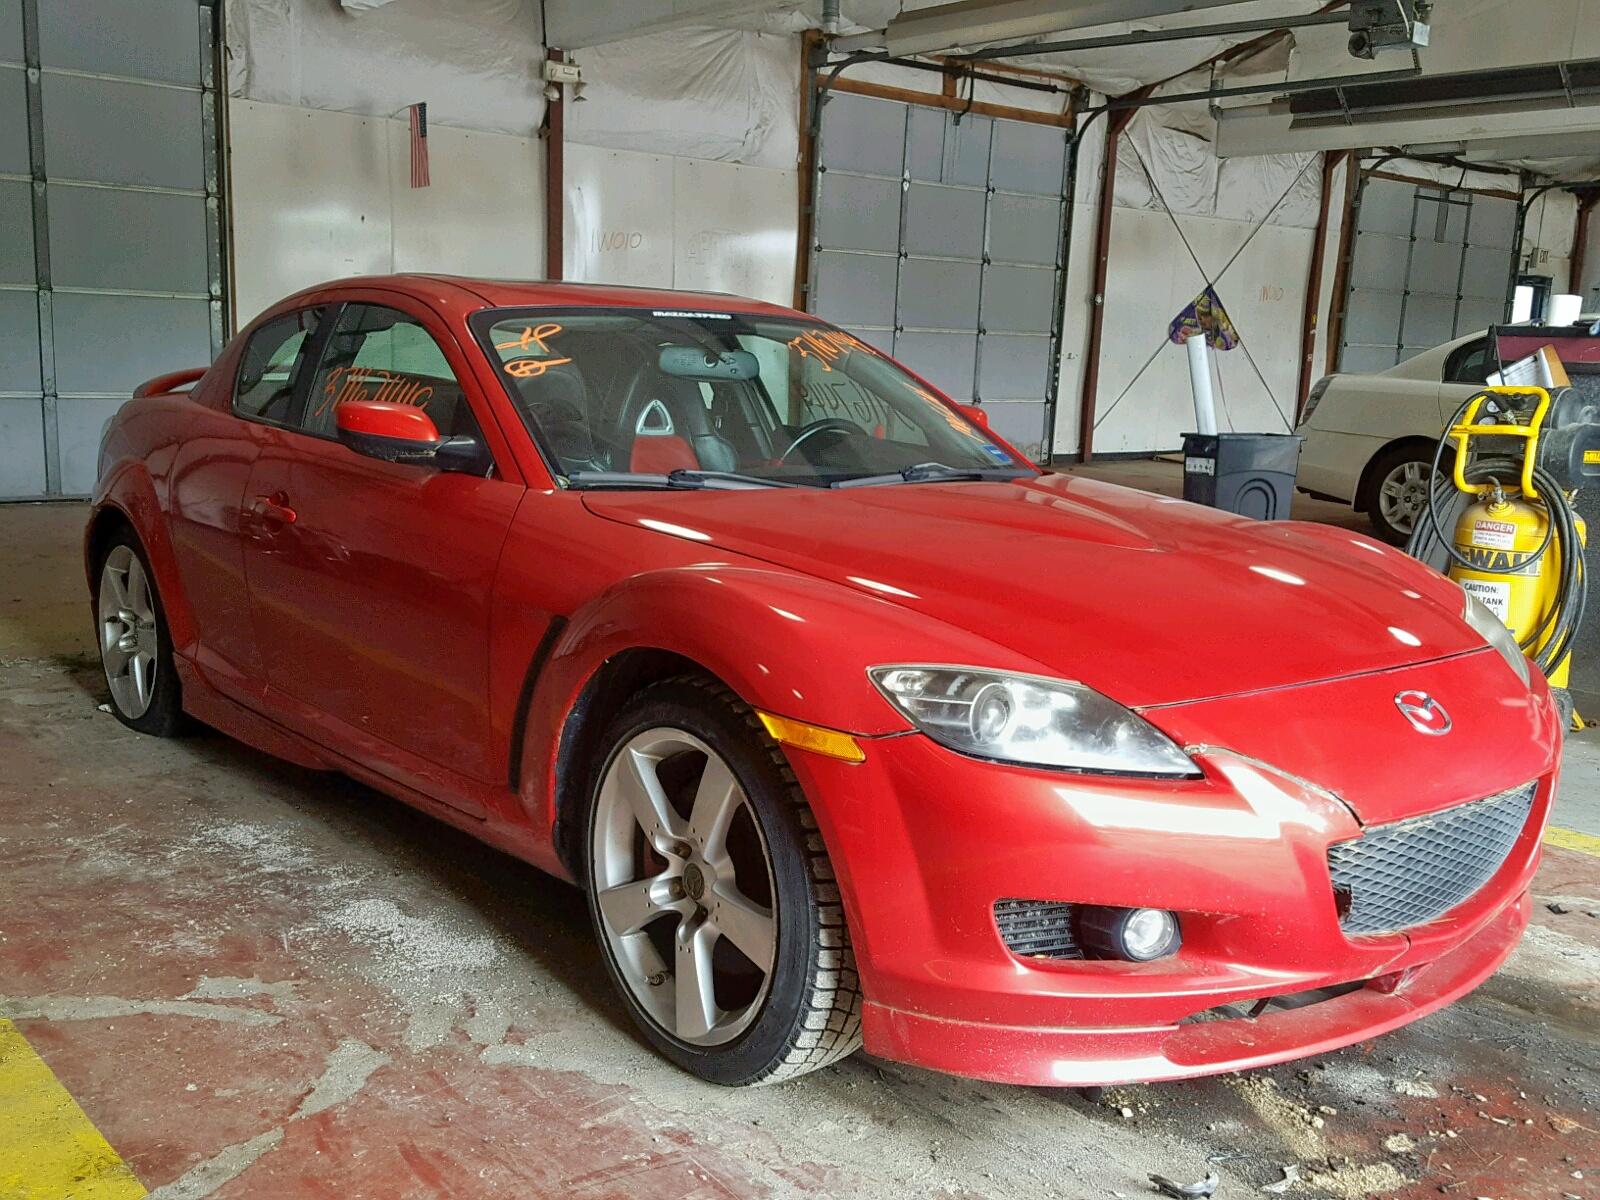 JM1FE173550158875 - 2005 Mazda Rx8 1.3L Left View